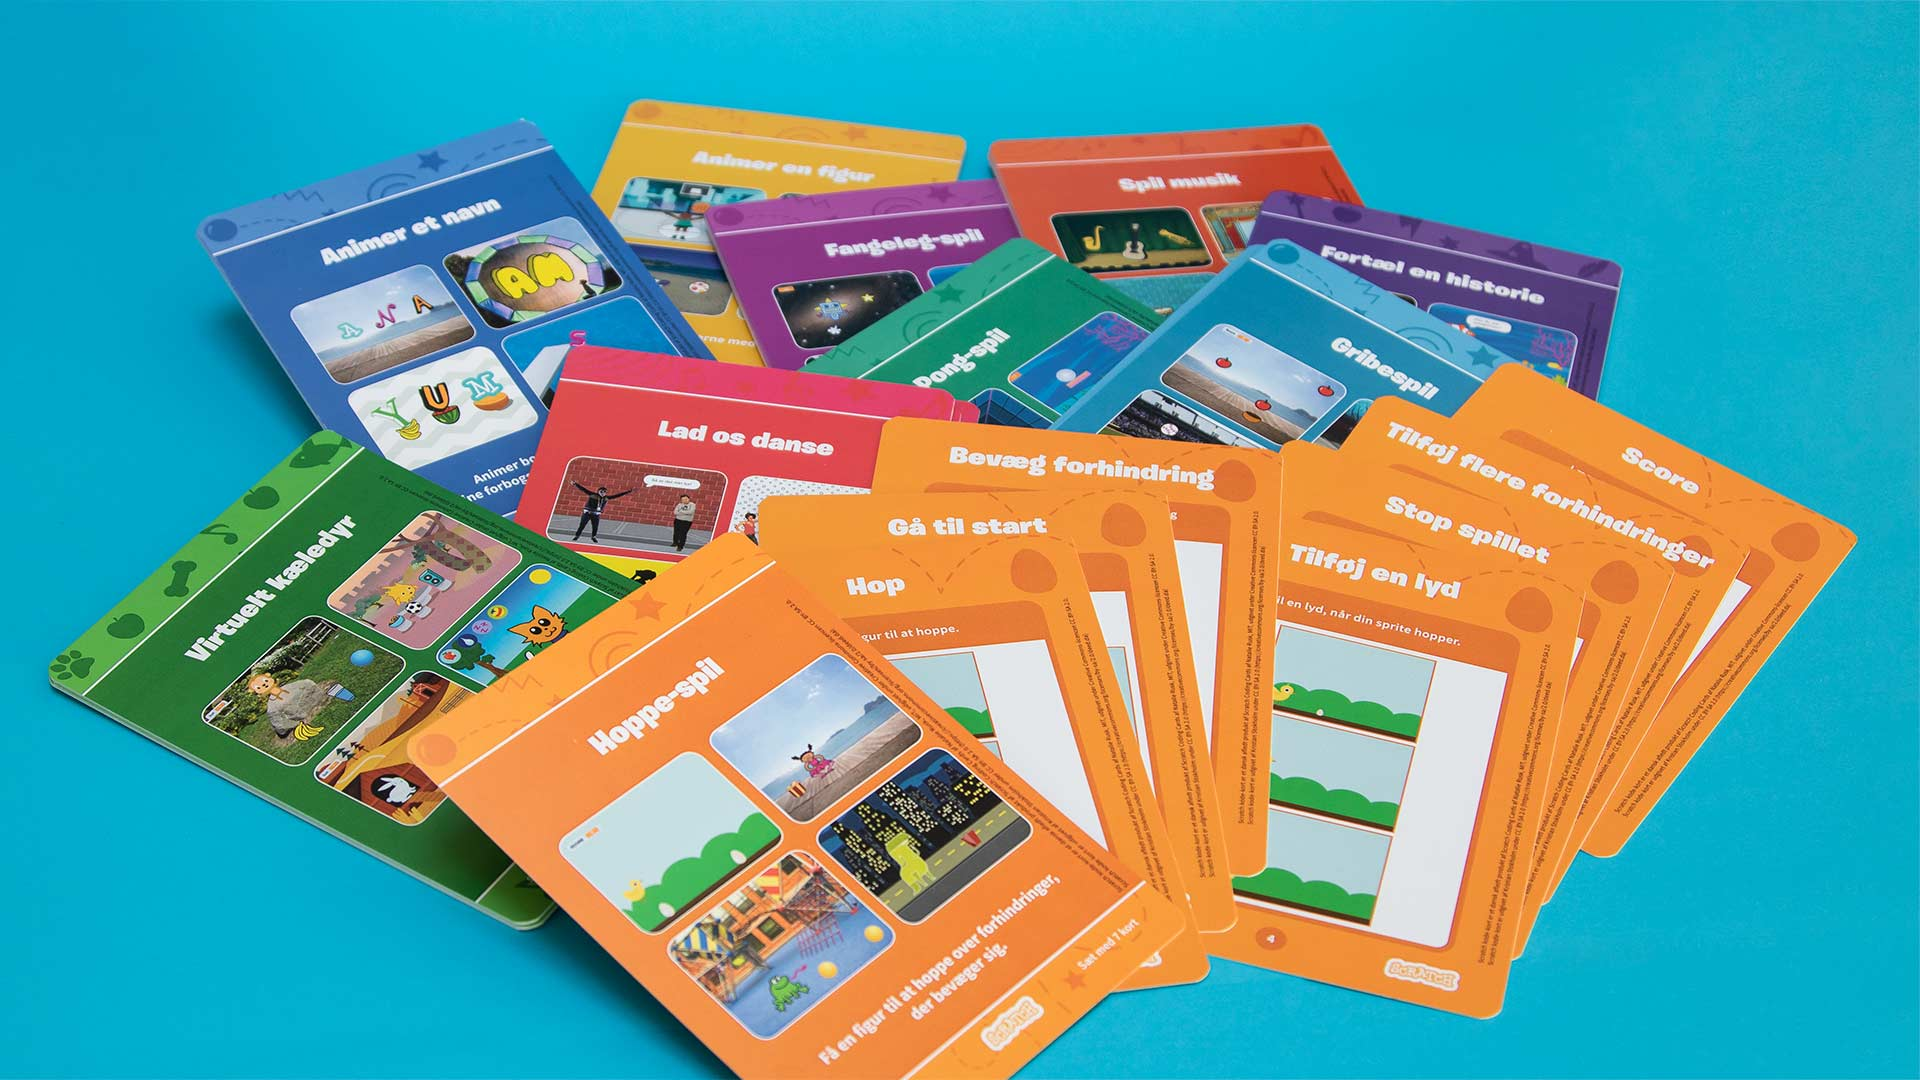 Scratch kode-kort sæt på dansk med 10 kortserier.